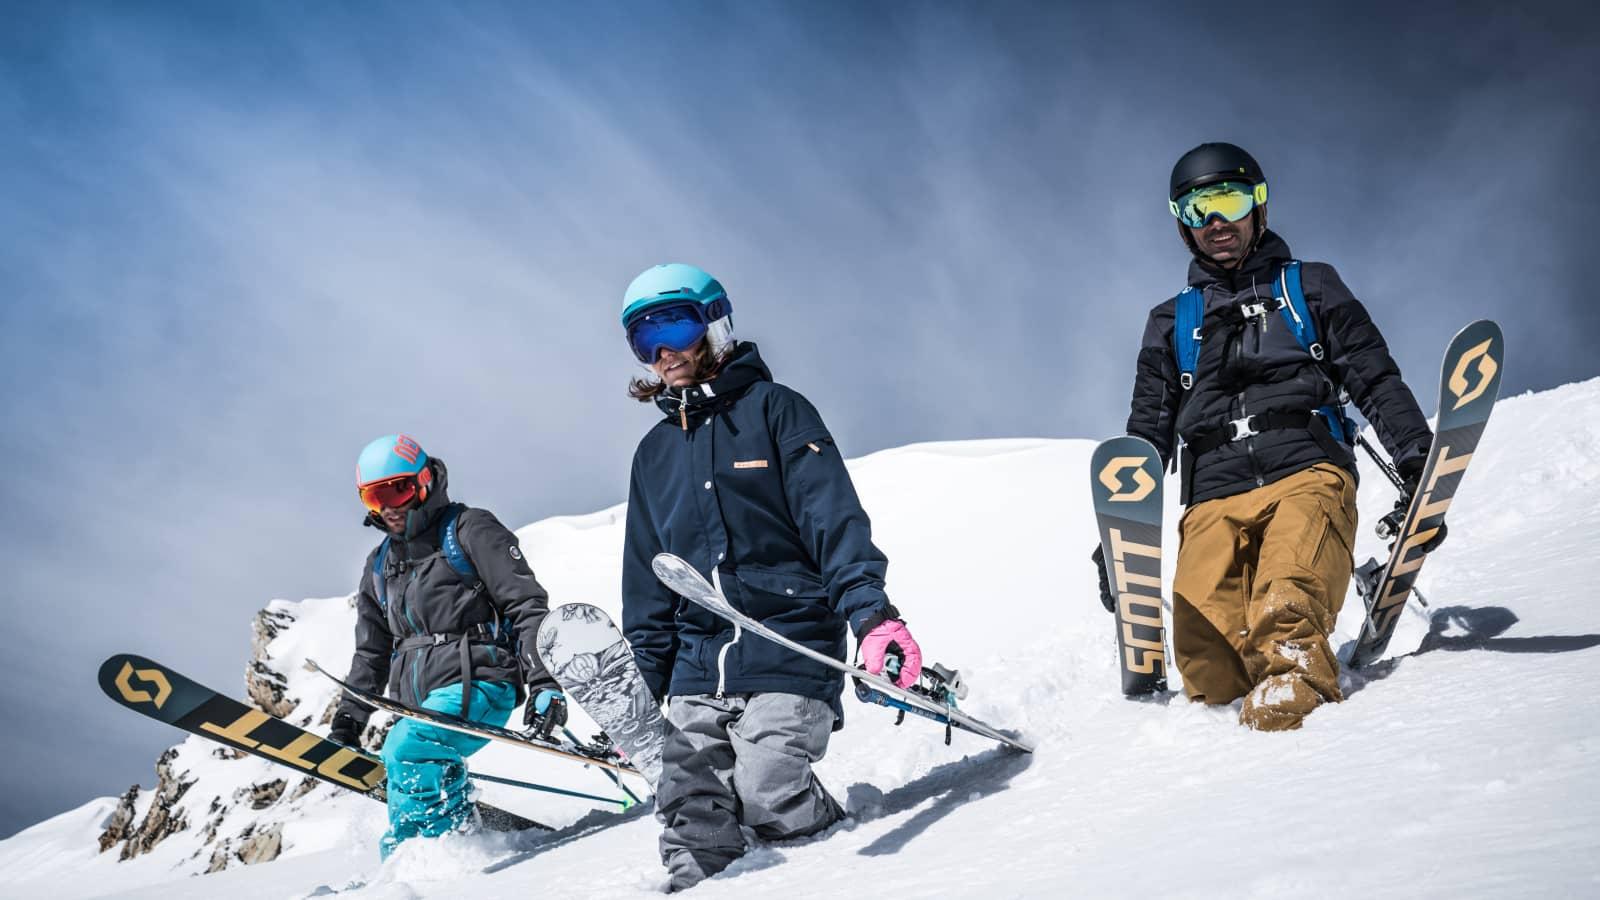 Ski France - Arc 1800, Les Arcs - Ski Holidays 2017 2018